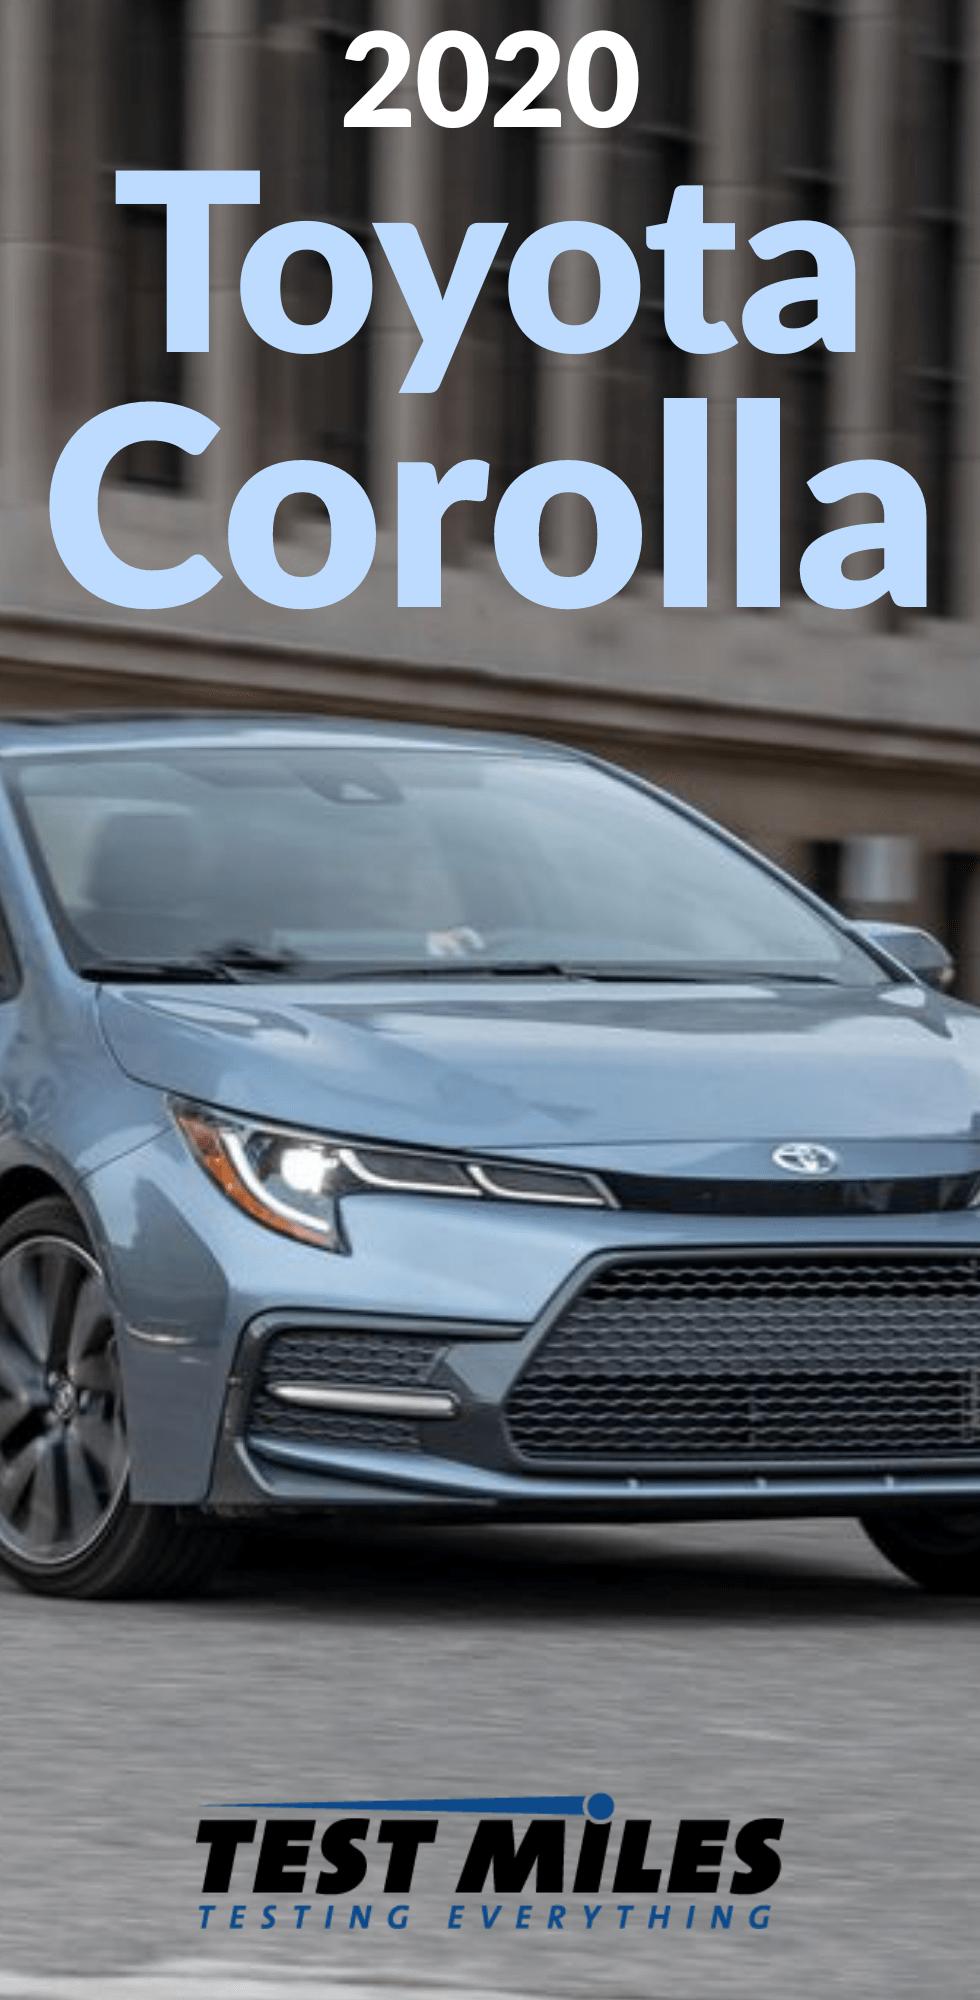 2020 Toyota Corolla Test Drive Toyota Corolla Toyota Corolla